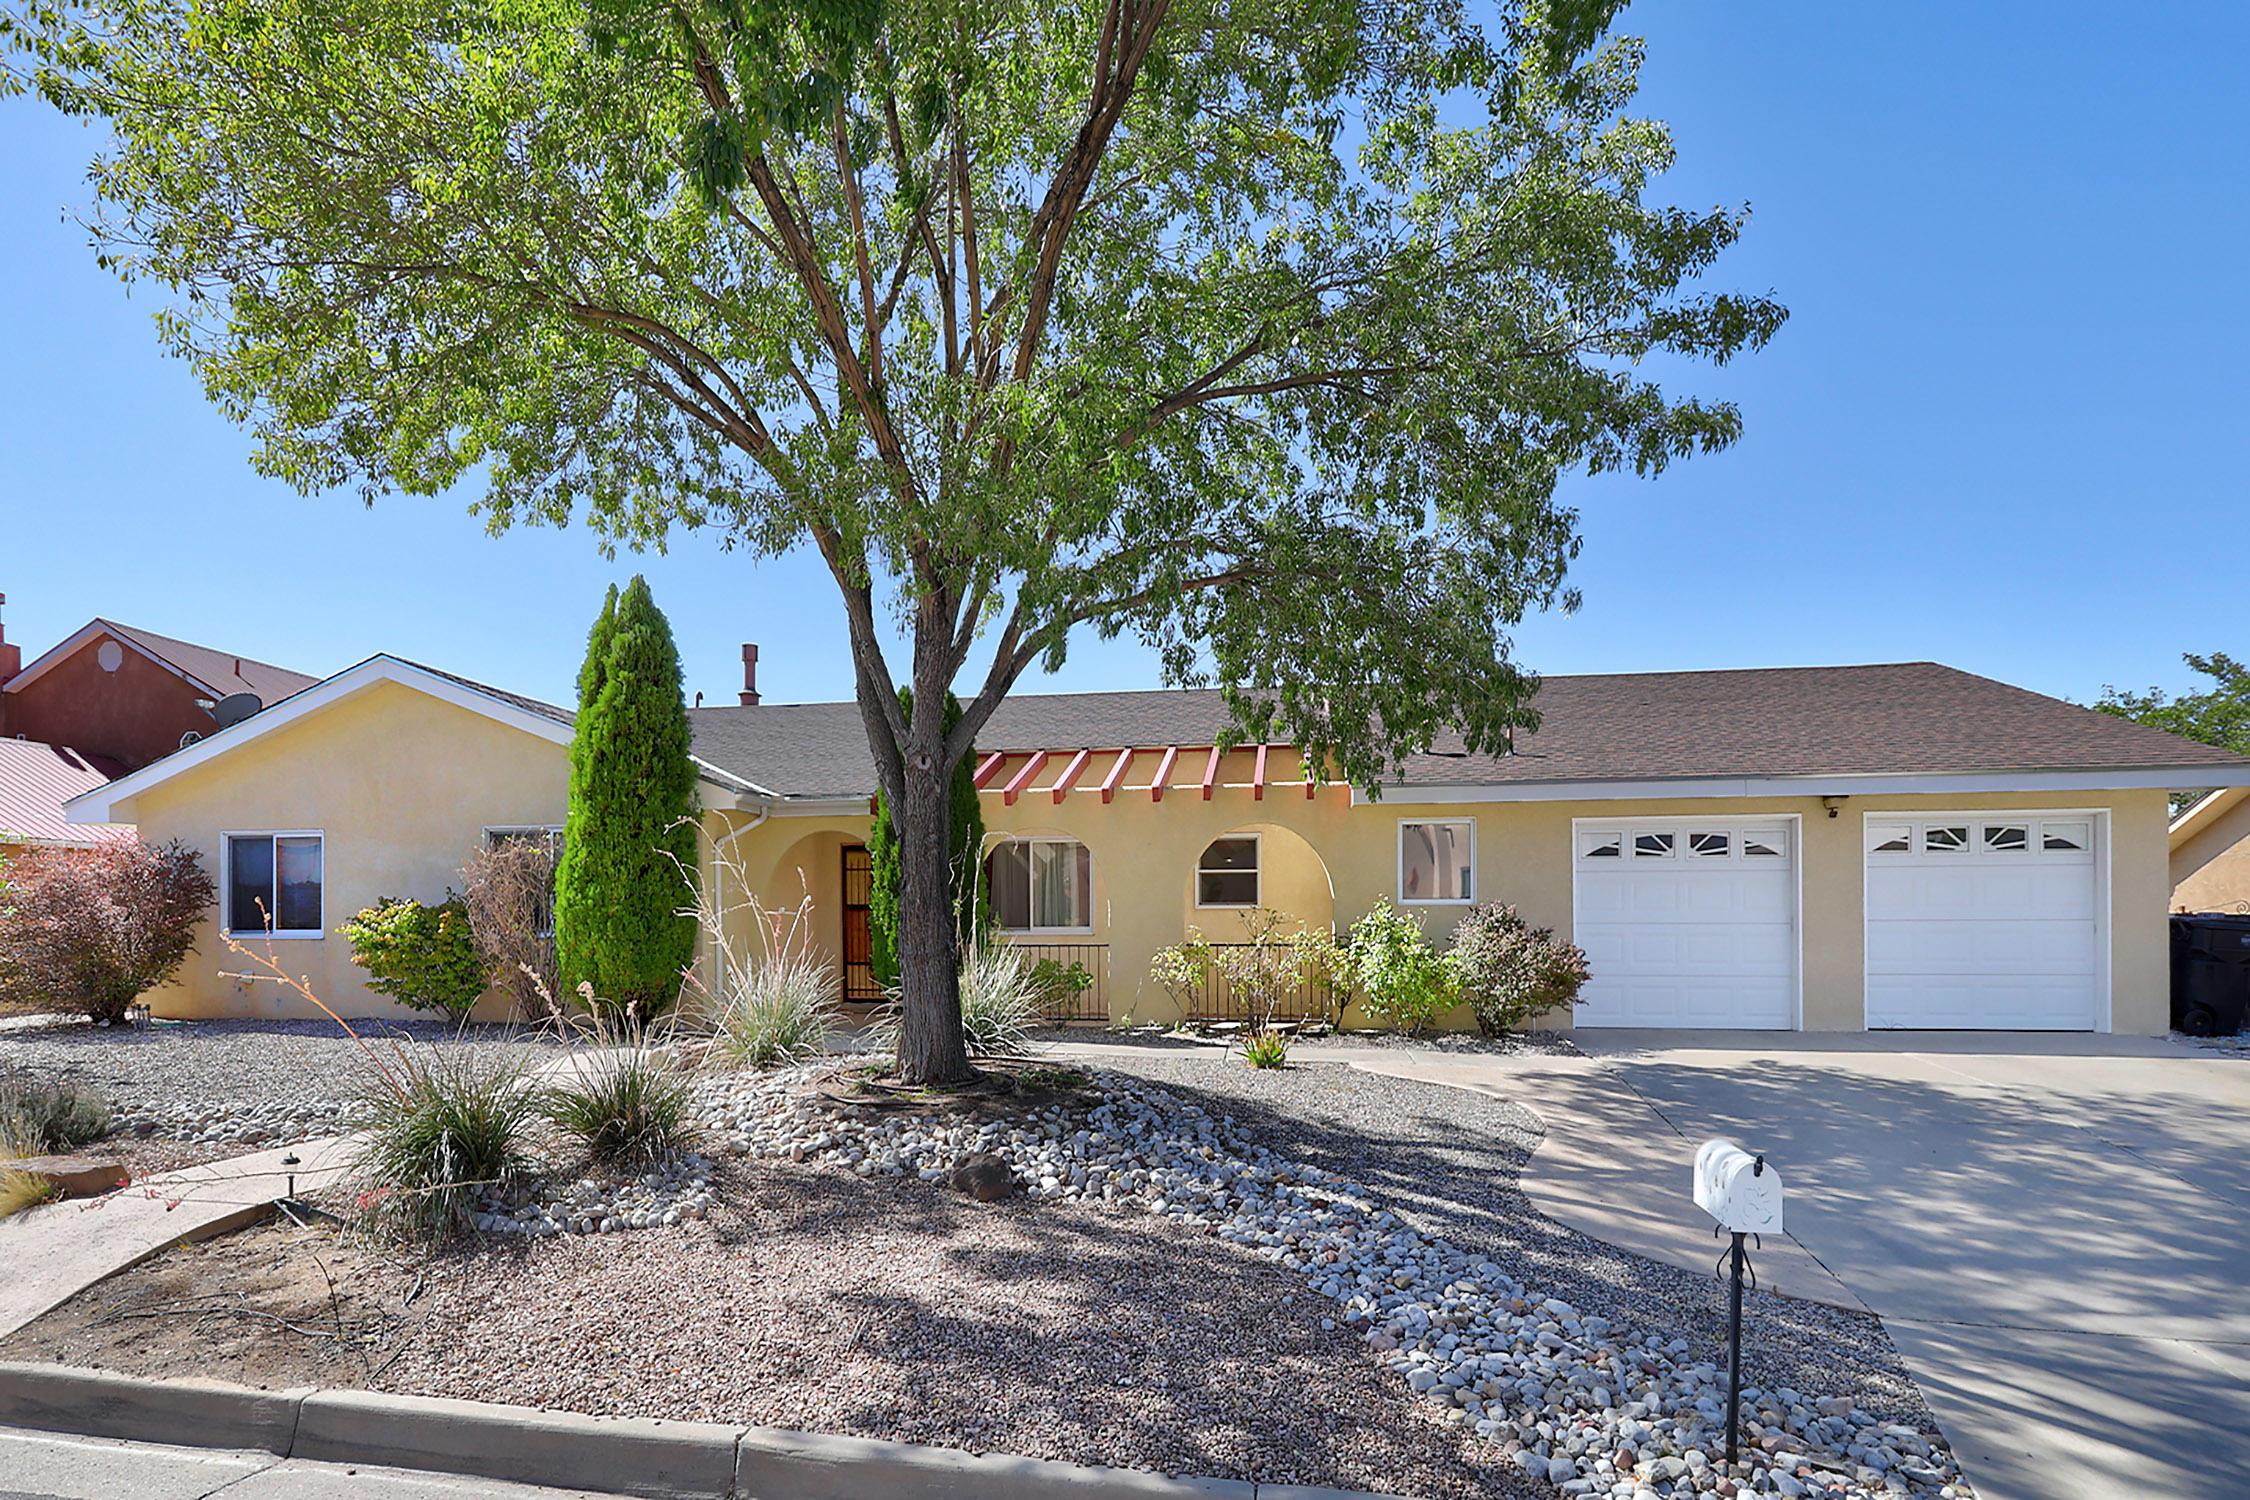 805 NAVARRA Way, Albuquerque NM 87123